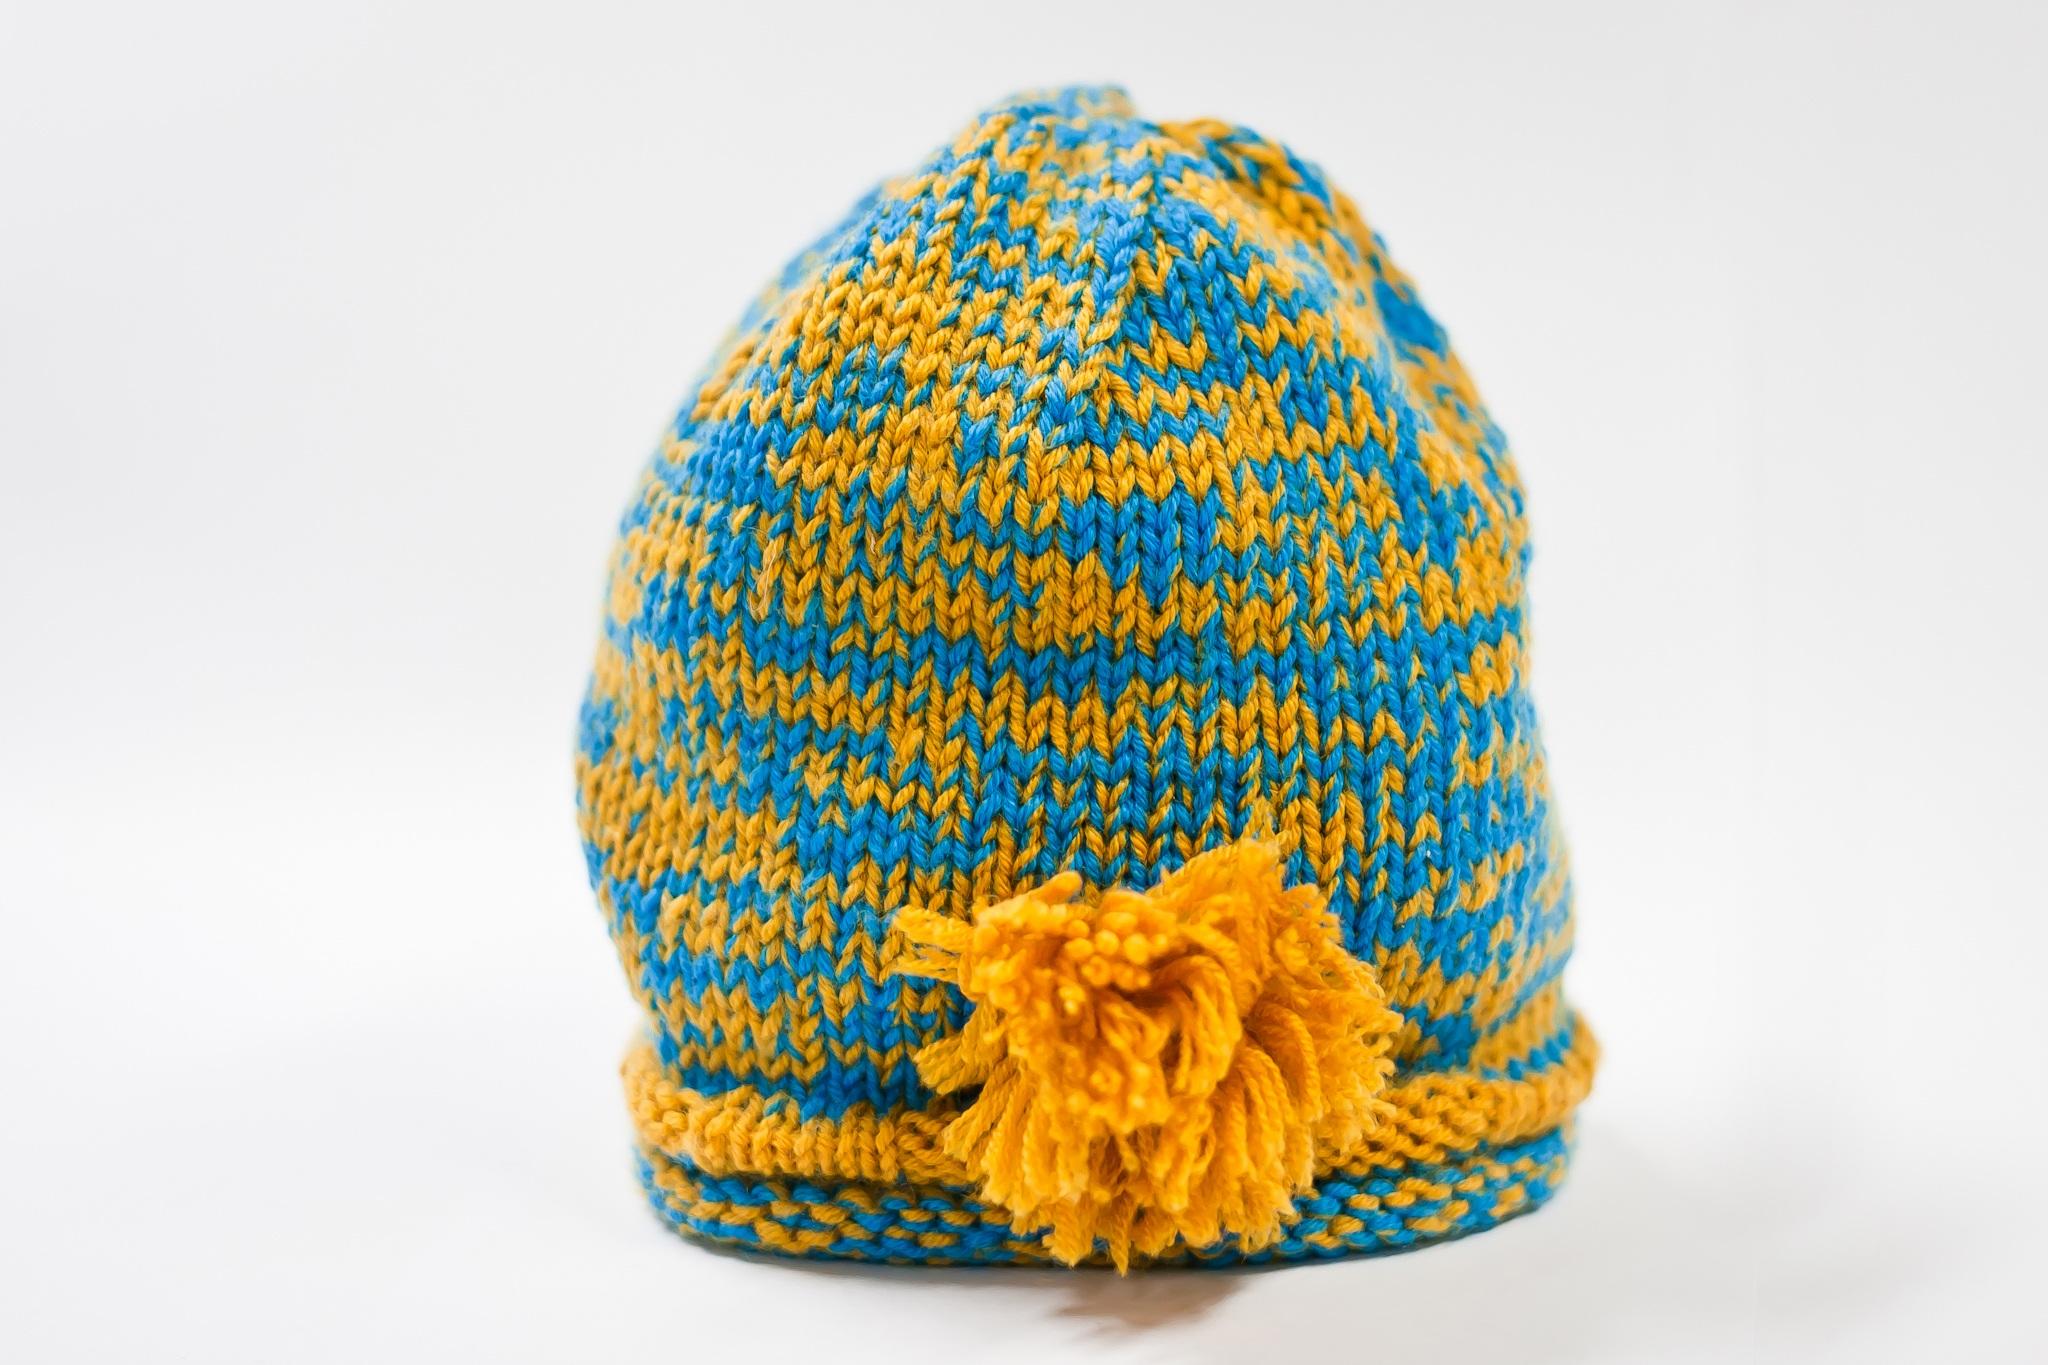 c8c96dc5c9 szőrme minta kalap ruházat sárga baba fejfedő gyapjú micisapka gyapjú  művészet tervezés sapka gyapjú kalap divatos